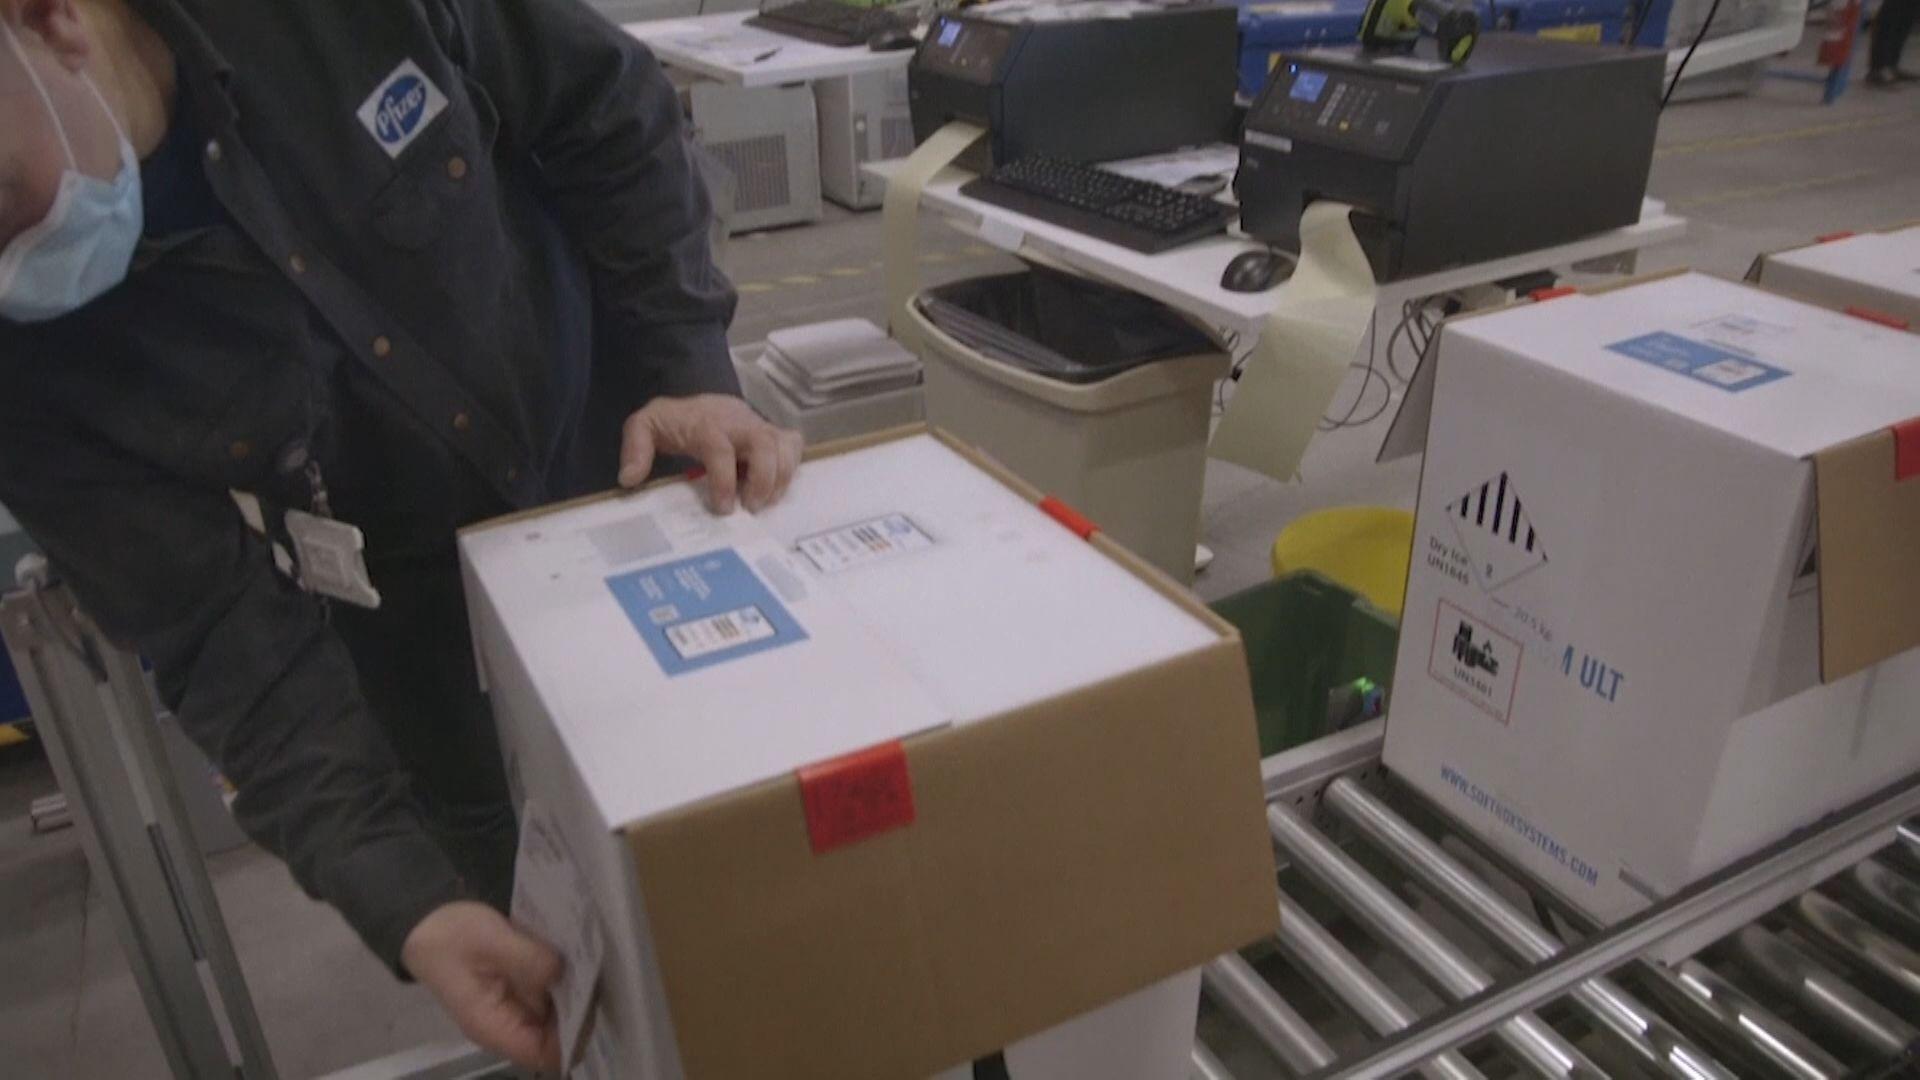 西班牙及德國因溫度控制延誤運送新冠病毒疫苗